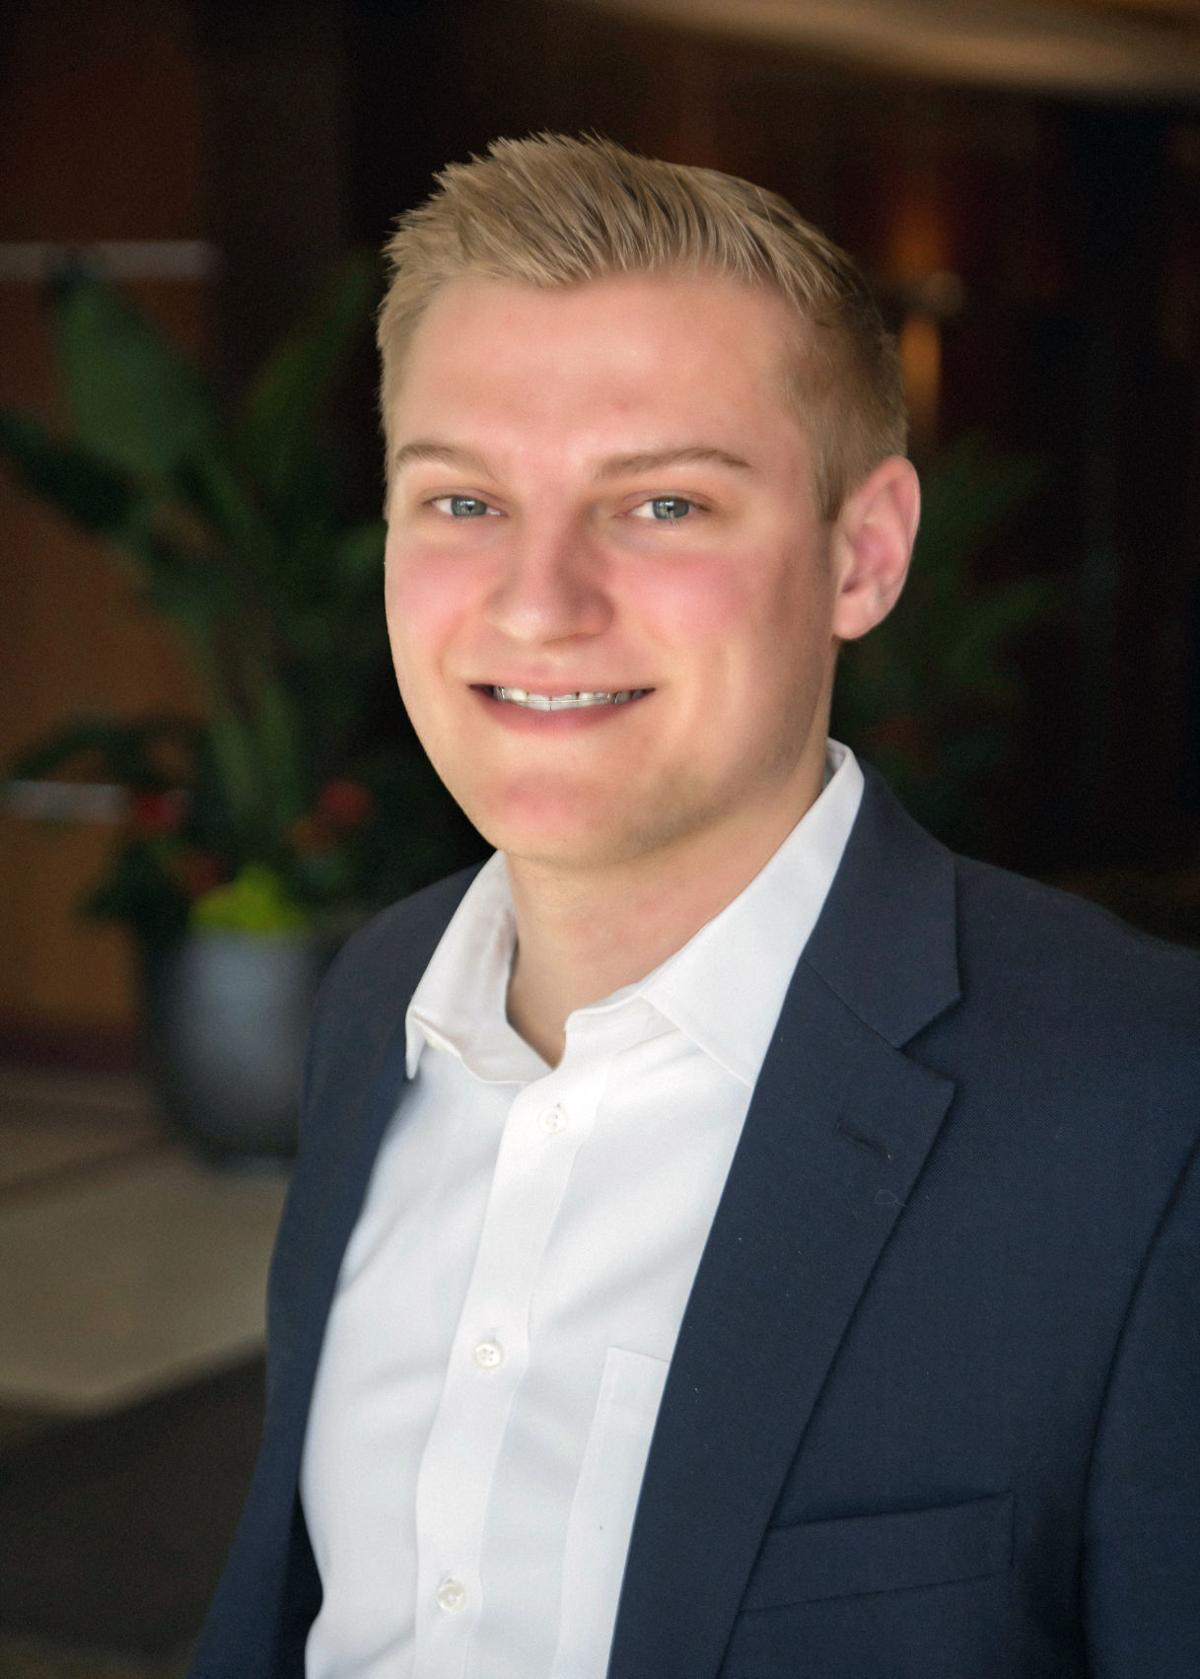 Blake Van Ginkel